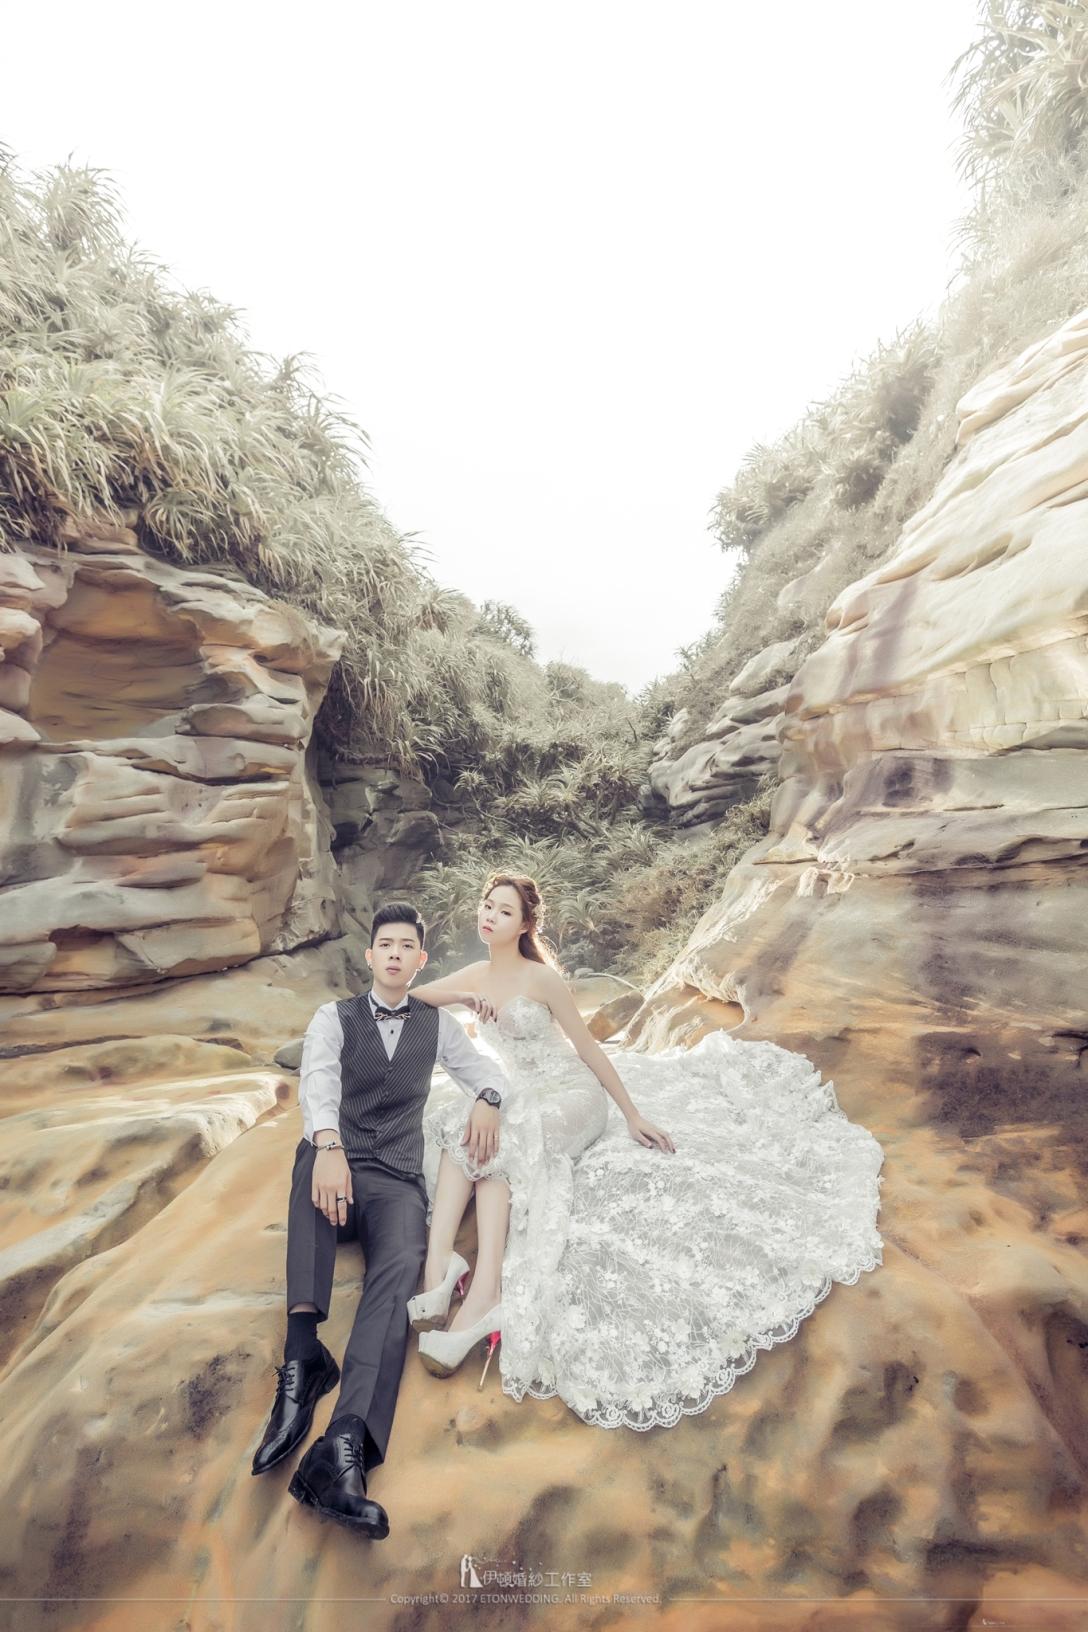 自助婚紗攝影師,自助婚紗,自助婚紗作品,自助婚紗價格,自助婚紗推薦,自助婚紗ptt,台北自助婚紗